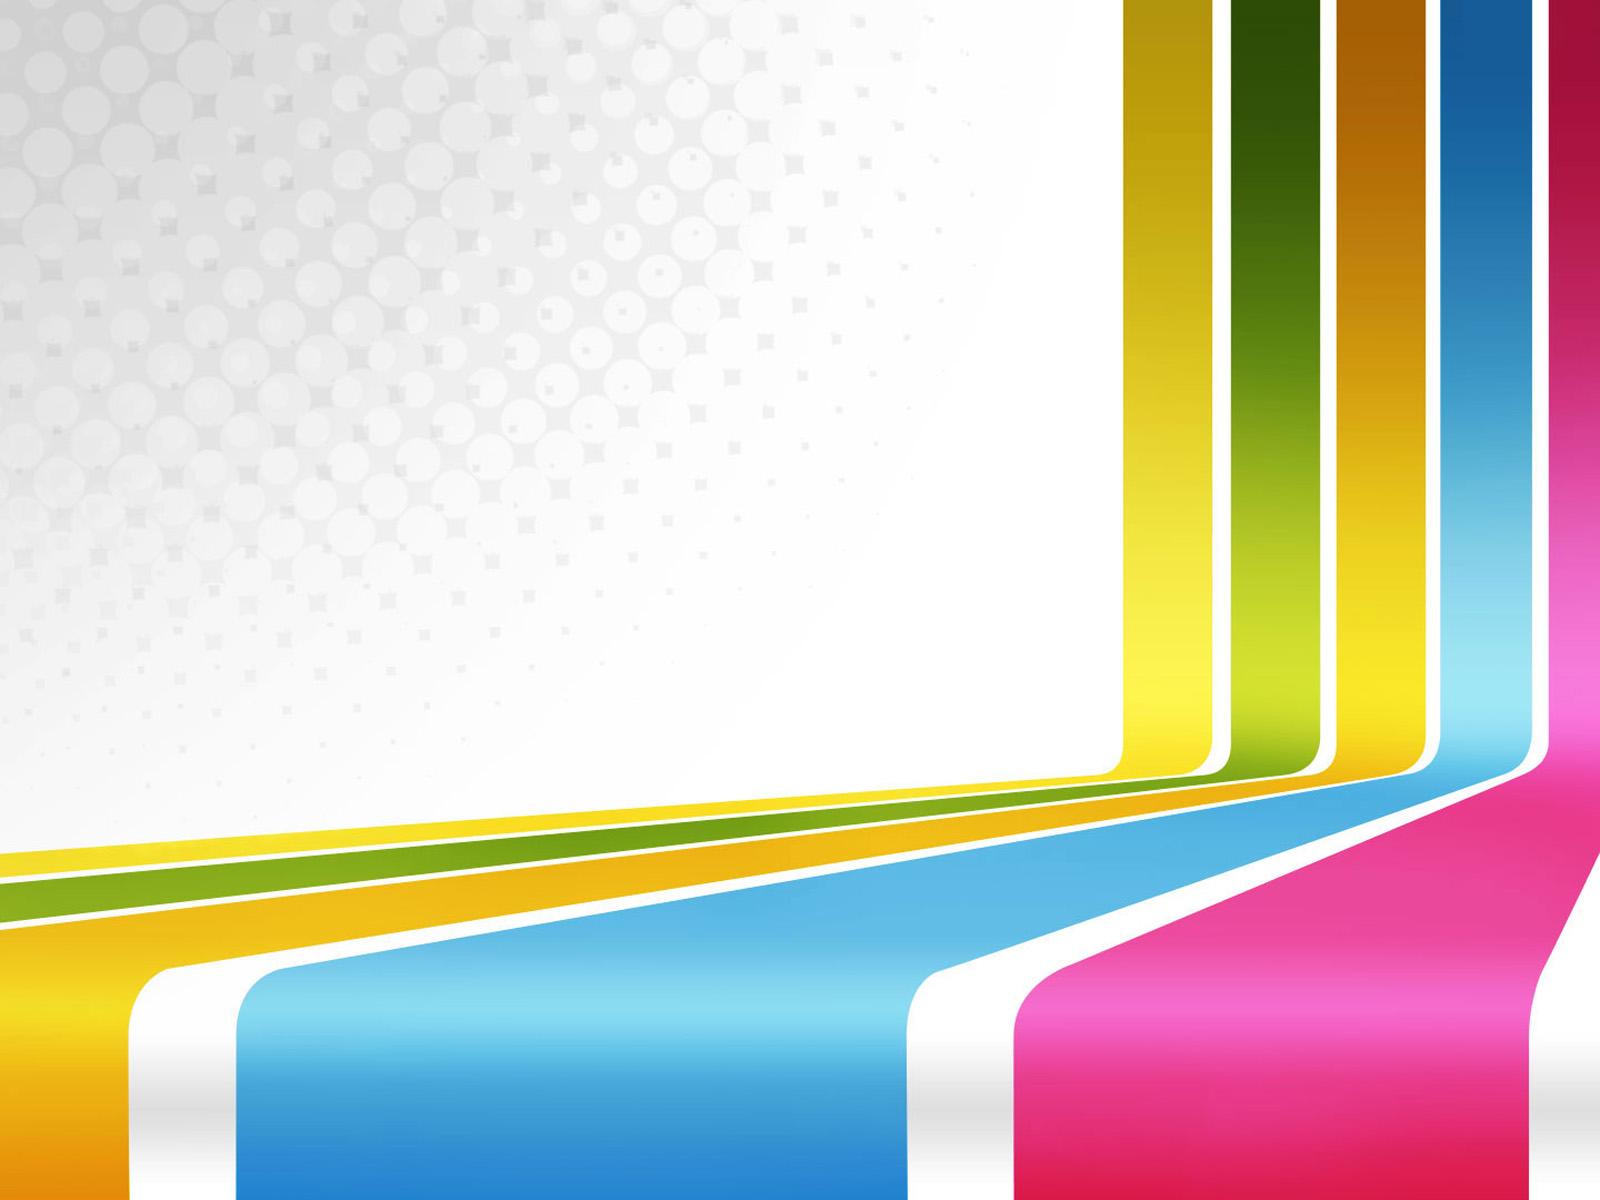 Graphic Design PowerPoint